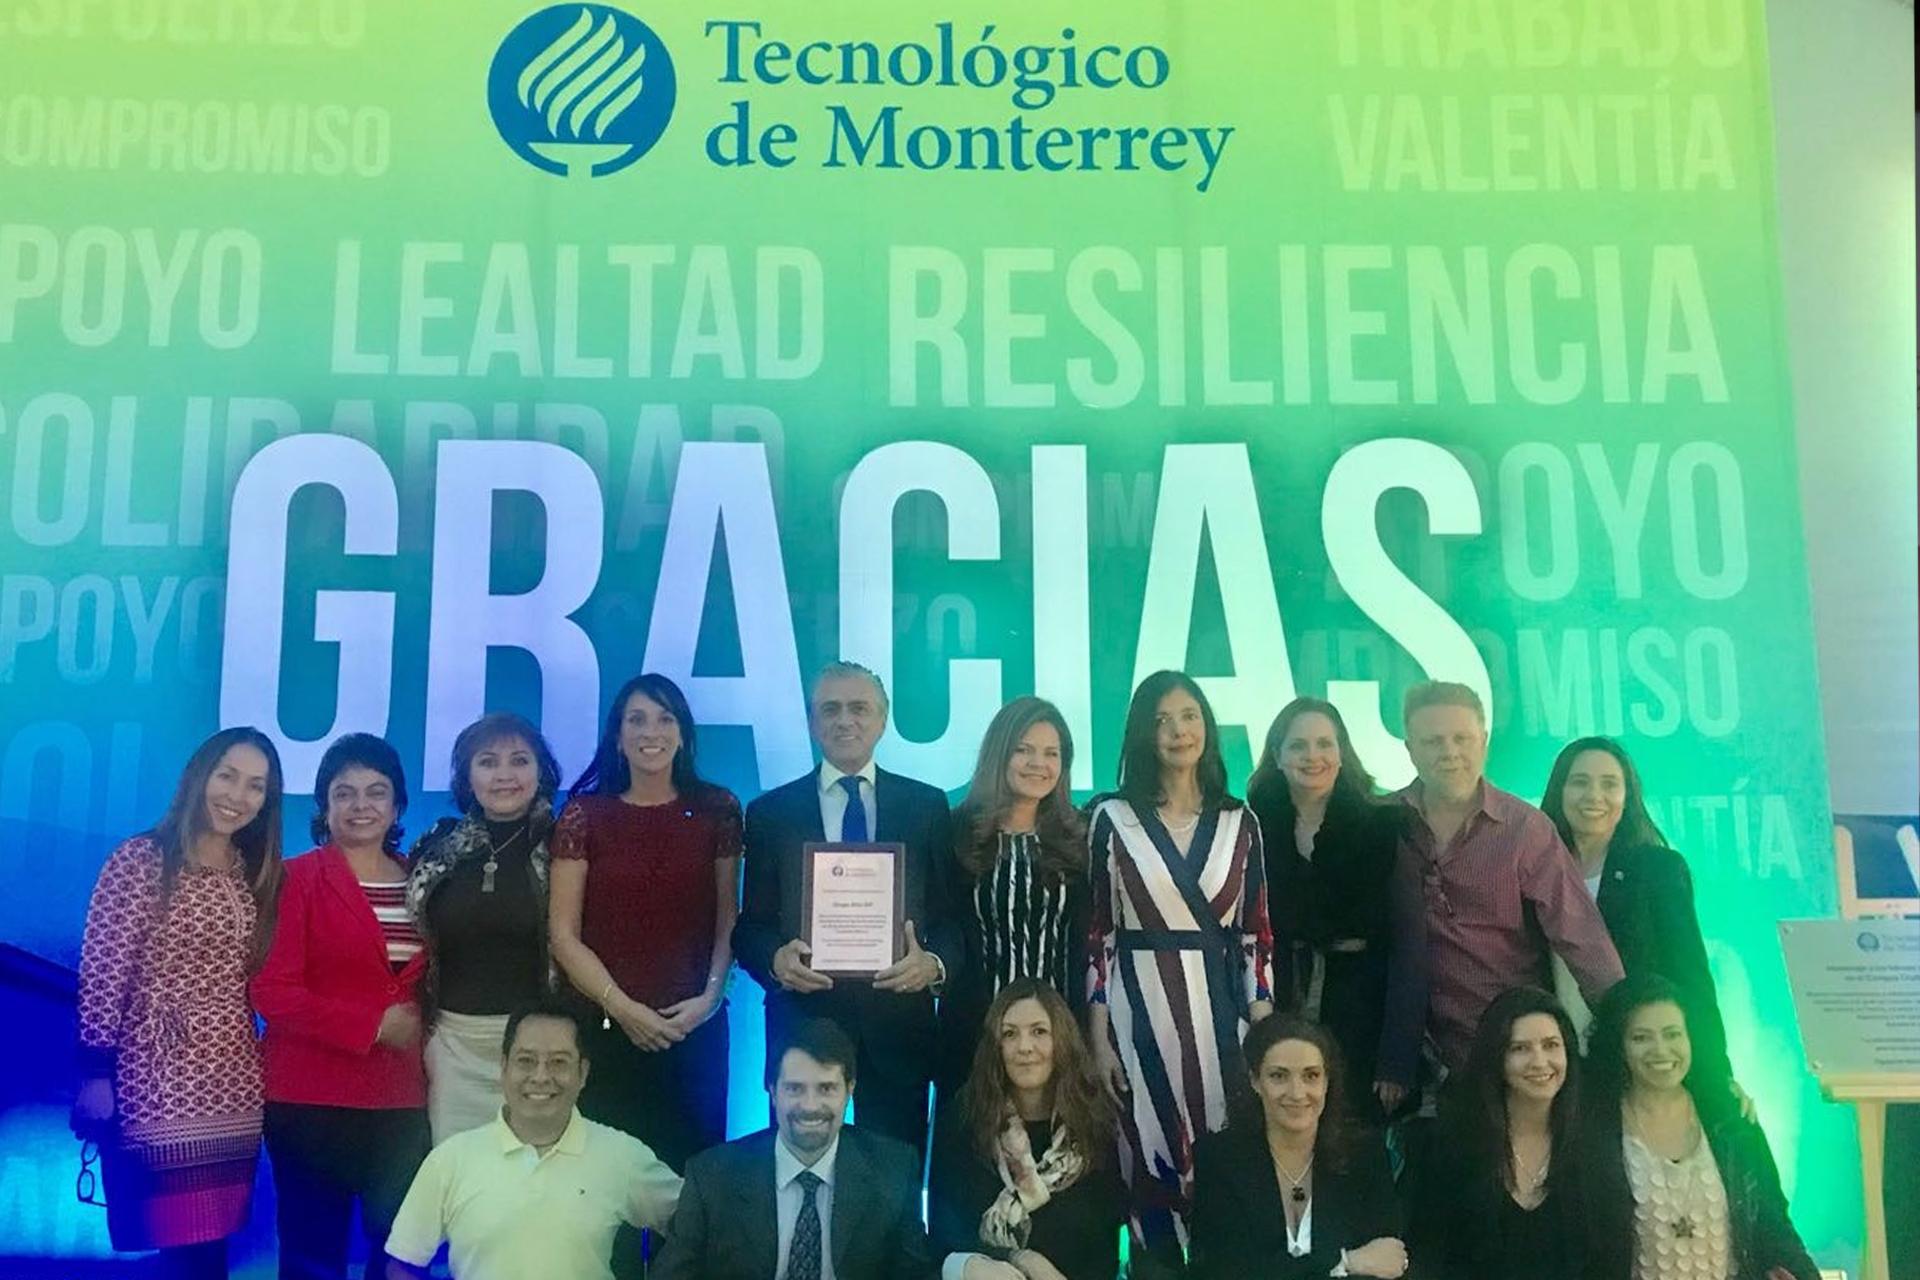 <h3>Dr. Alfonso Ruiz Soto en representación de Grupo Altía I.A.P.<br /><strong>Recibe reconocimiento del ITESM CCM por el apoyo brindado después del sismo del 19/09.</strong><br />CDMX. Noviembre 28, 2017.</em></h3>